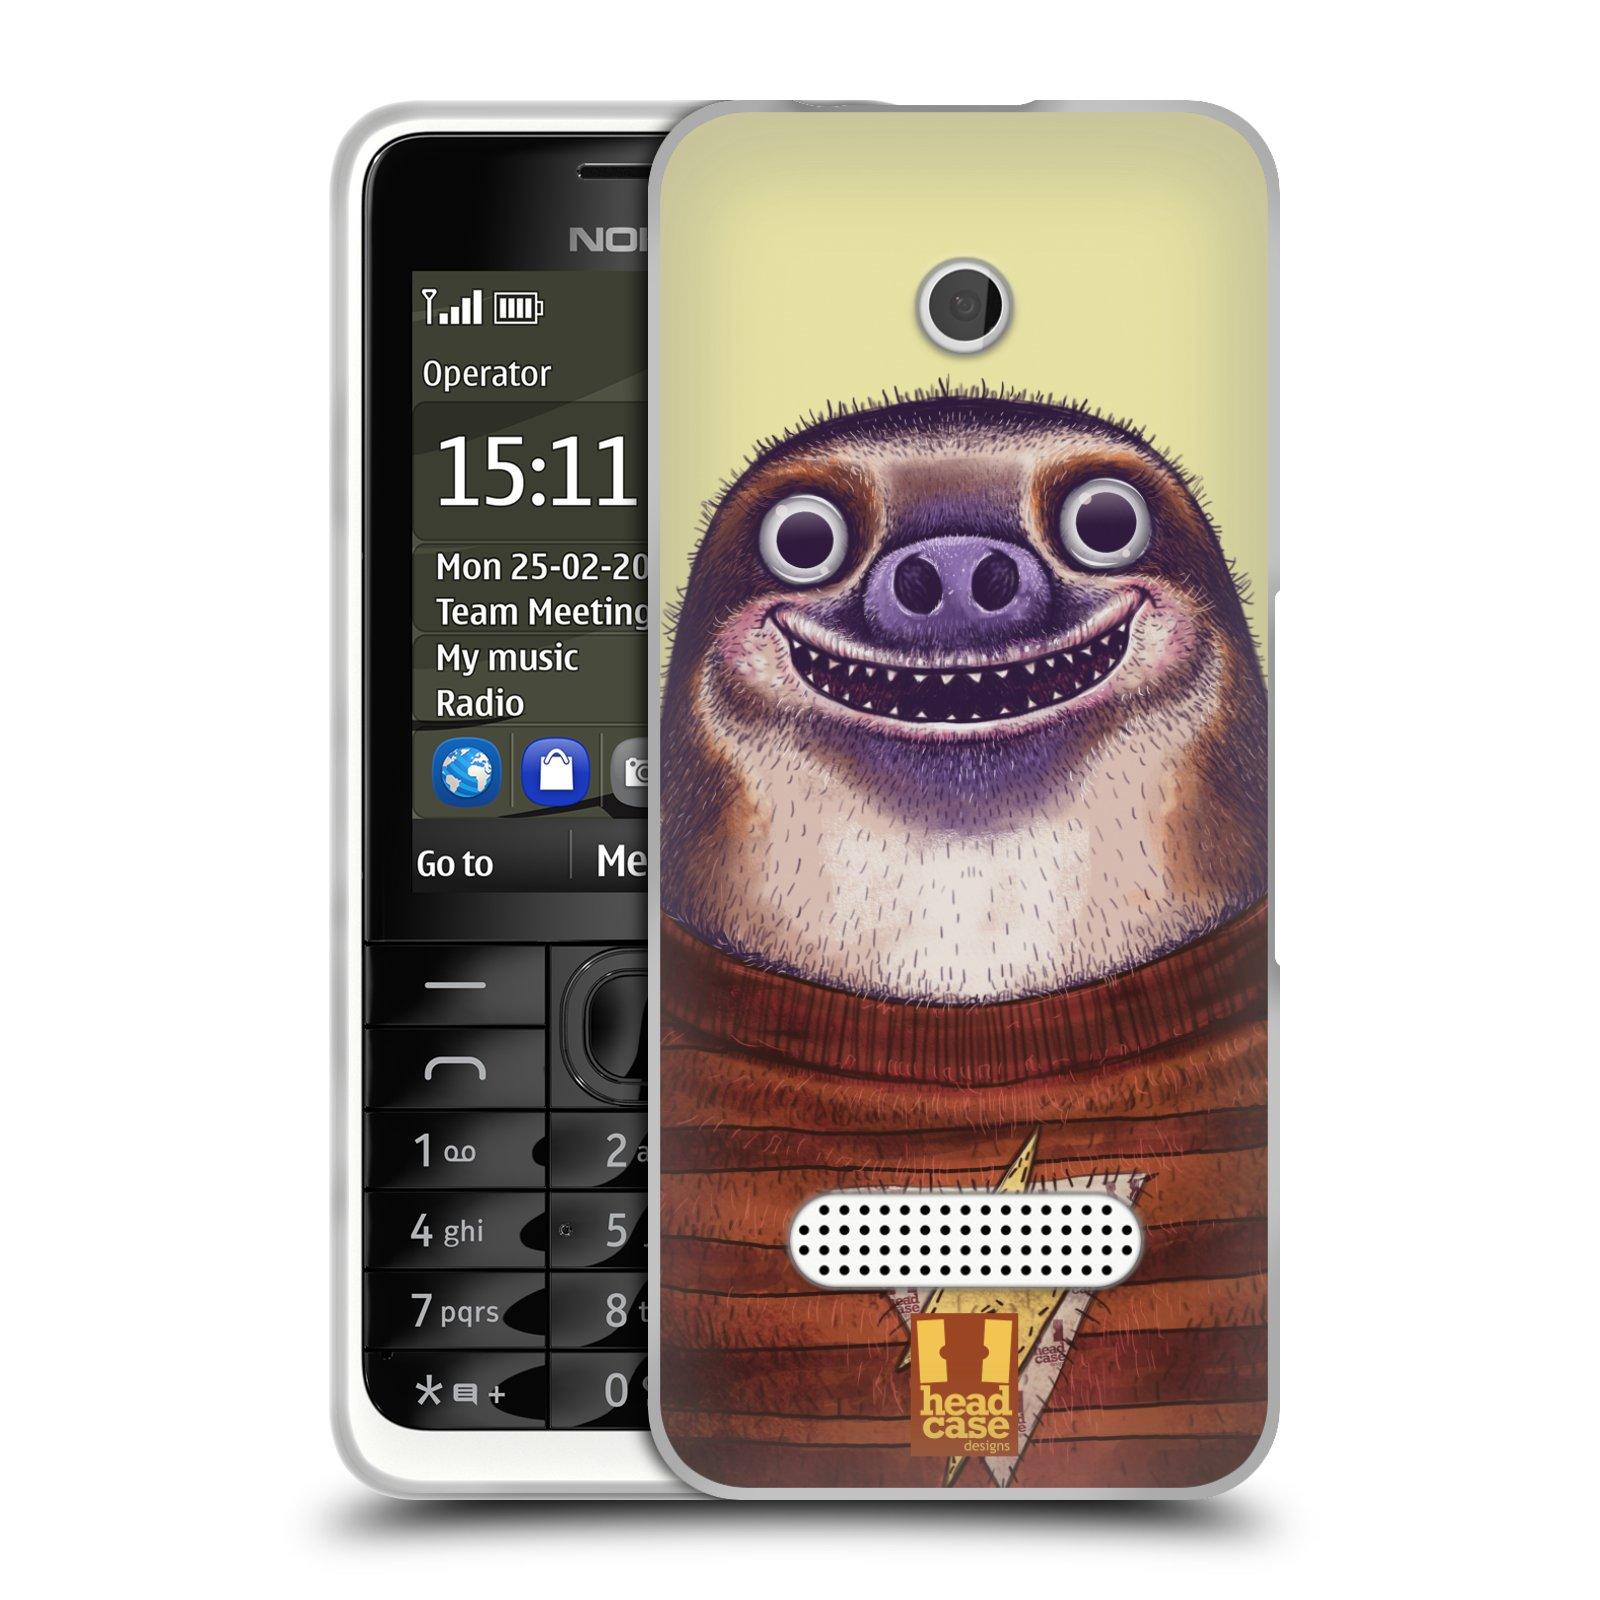 HEAD CASE silikonový obal na mobil NOKIA 301 vzor Kreslená zvířátka lenochod